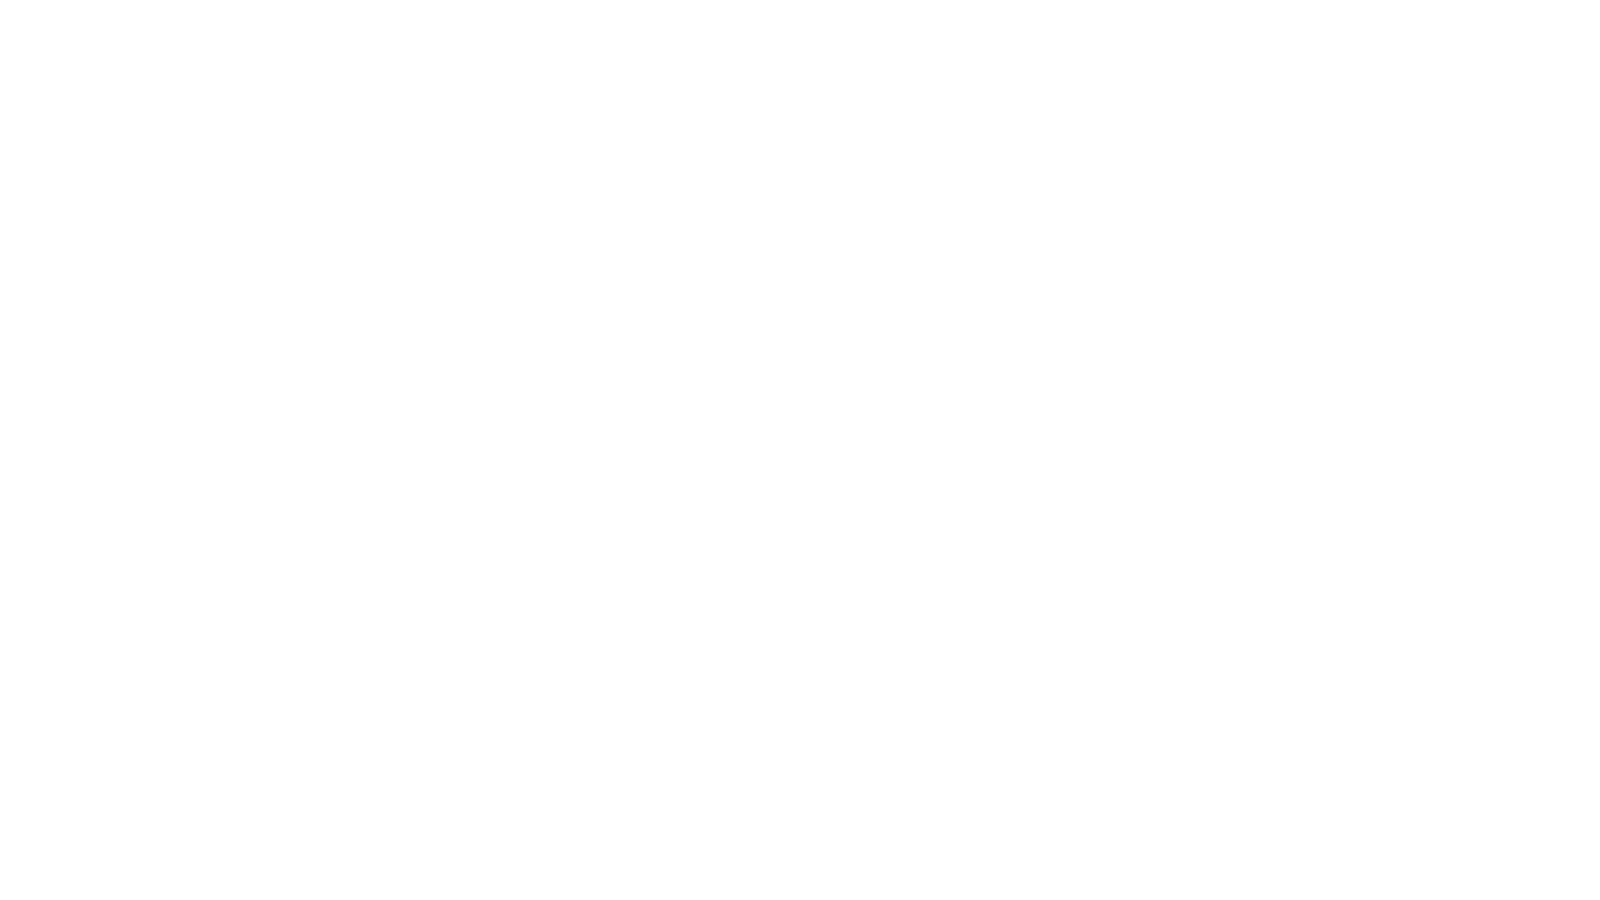 """𝐋𝐨𝐬 𝐬á𝐛𝐚𝐝𝐨𝐬 𝐜𝐡𝐚𝐦𝐚𝐦𝐞𝐜𝐞𝐫𝐨𝐬 𝐝𝐞 𝐂𝐚𝐧𝐚𝐥 𝟏𝟐 𝐬𝐞 𝐦𝐮𝐝𝐚𝐧 𝐚𝐥 𝐕𝐢𝐜𝐞𝐧𝐭𝐞 𝐂𝐢𝐝𝐚𝐝𝐞 Con 36 años de trayectoria, De Misiones al Mercosur ha marcado, cada sábado y en cada pueblo, la identidad cultural de nuestra provincia. Con la producción artística de la Secretaría de Cultura, el gran baile televisado se transmitirá para toda la provincia desde la Sala Marisil Ceccarini del Centro Cultural Vicente Cidade.  Seguinos en Nuestras Redes  Cultura Misiones Facebook: https://www.facebook.com/cultura.mnes Instagram: https://www.instagram.com/cultura.mnes/ Twitter: https://twitter.com/cultura_mnes Web: https://cultura.misiones.gob.ar/  Canal 12 Facebook: https://www.facebook.com/tv12misiones Instagram: https://www.instagram.com/tv12misiones/ Twitter: https://twitter.com/tv12misiones Web: https://canal12misiones.com/  En definitiva, así como allá por 1985, con los inolvidables Adelio Suárez y Silvio Orlando Romero como conductores del original """"Expresión Regional, Chamamecero"""", y bajo el nombre de """"Canto y Danza del Mercosur"""", después; Guillermo Sayas, junto a Elbio Romero y Luis Benítez, seguirán marcando el ritmo de los sábados de 19 a 22 Hs. en la pantalla del 12, siempre bajo la Producción General de Aníbal Correa, pero ahora aggiornados por la Producción Artística de la Secretaría de Cultura."""